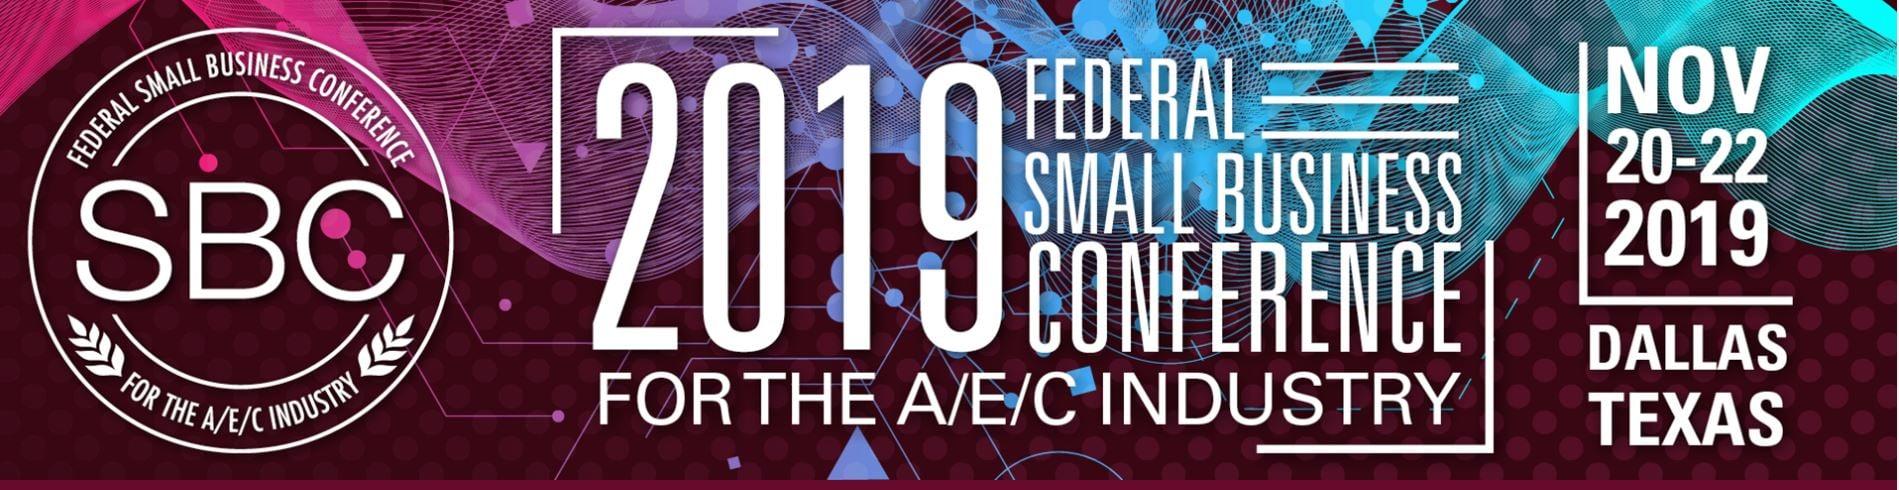 SBC Federal AEC